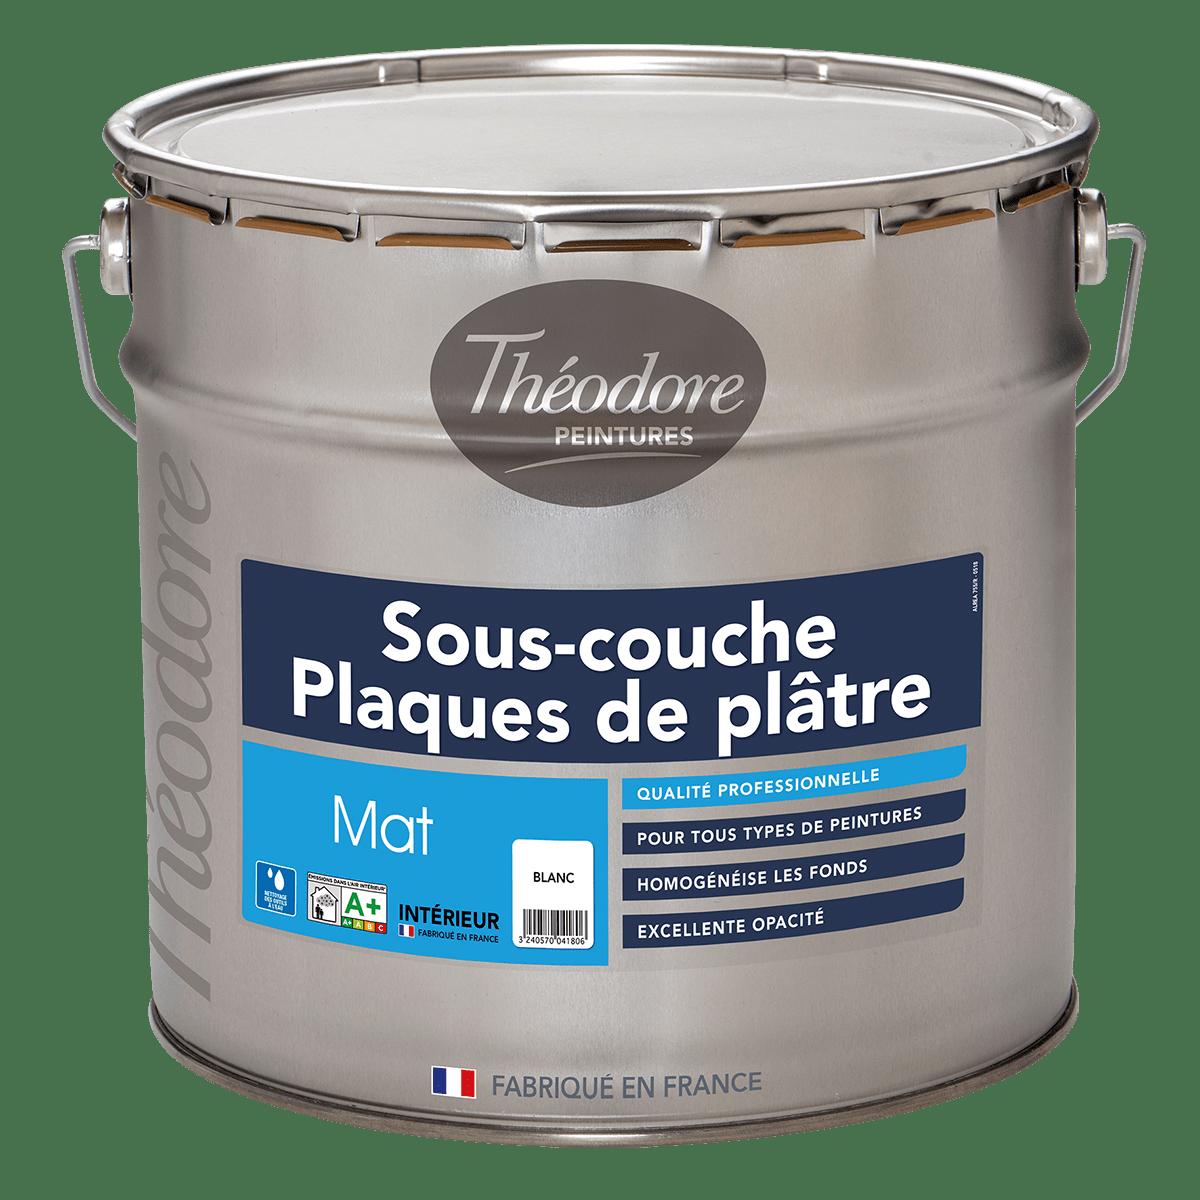 SOUS-COUCHE PLAQUES DE PLÂTRE